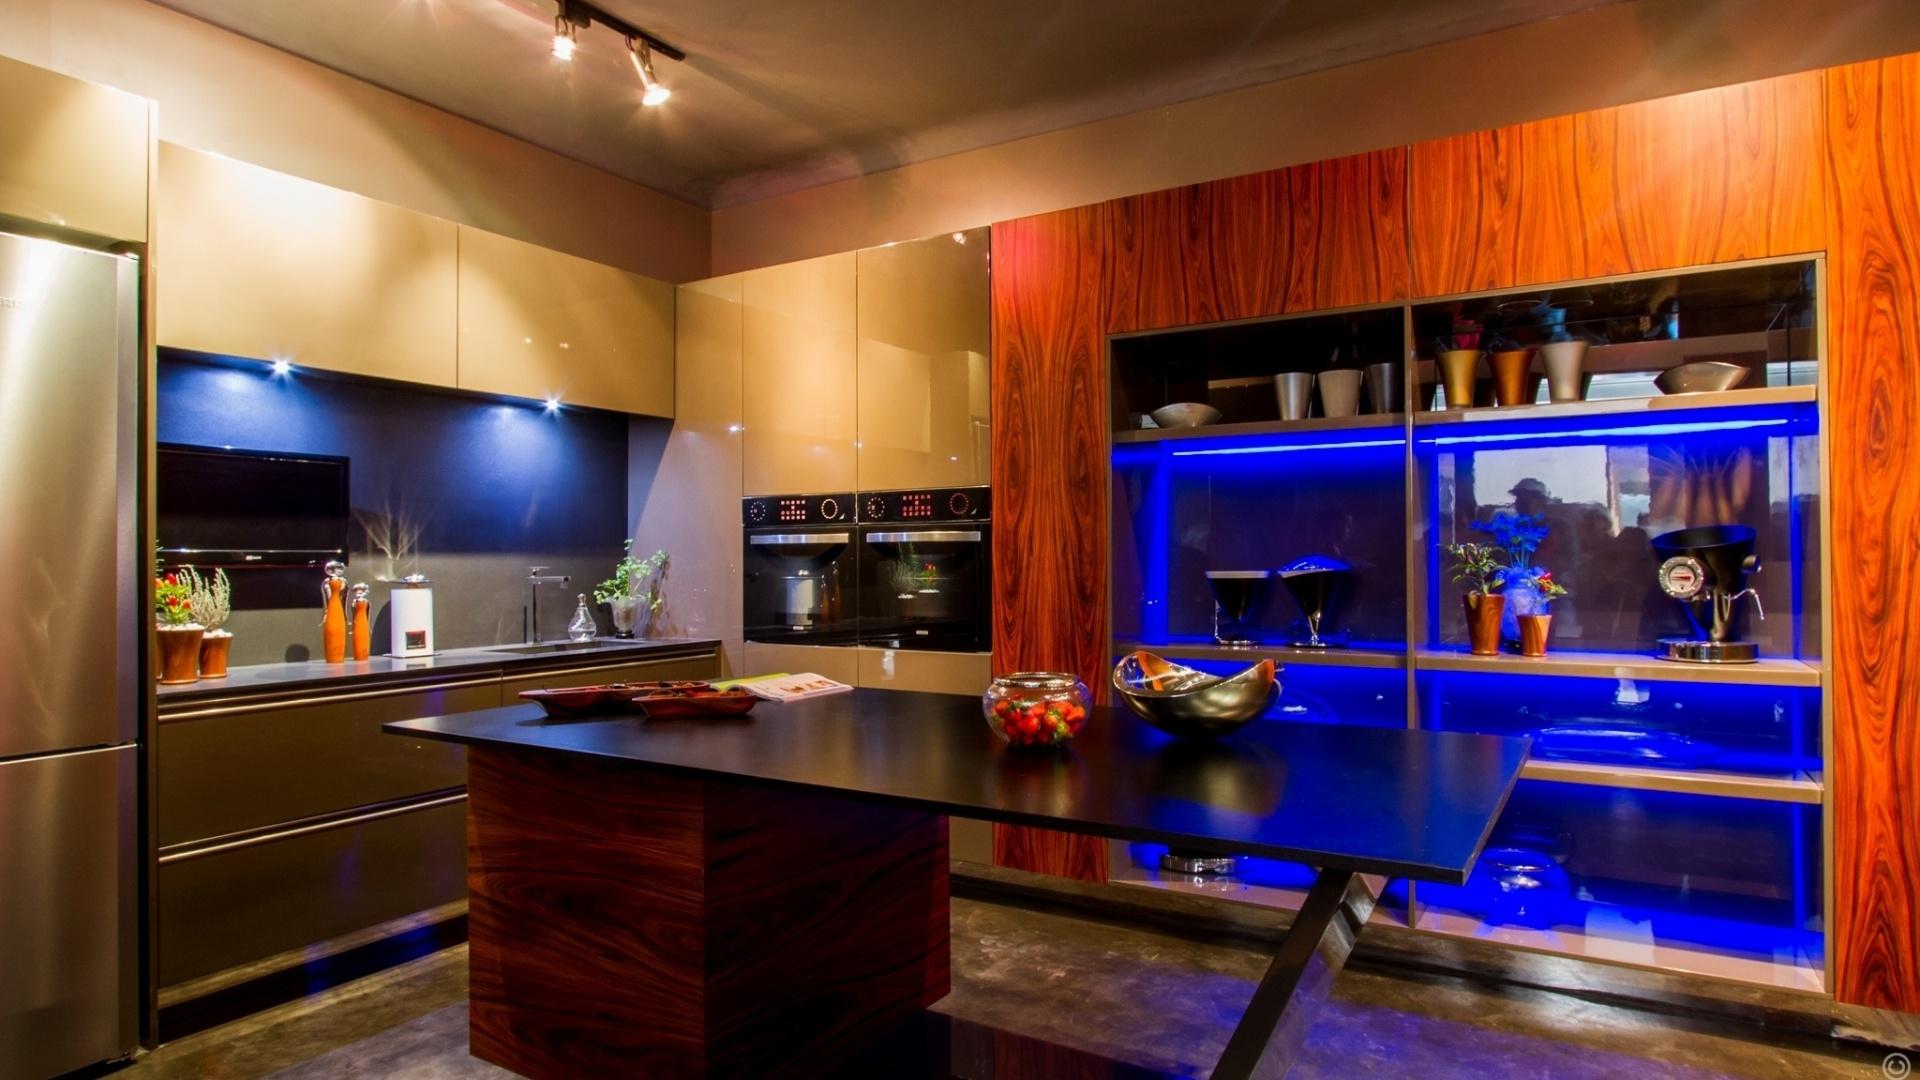 Na Cozinha Gourmet, assinada pelas profissionais Erika e Mariela Hurtado, eletrodomésticos modernos e iluminação neon se sobressaem no ambiente. A Casa Cor Bolívia estreia em um antigo casarão, construído pelo italiano Mario Bonino nos anos 1950 em Santa Cruz de la Sierra. São 40 ambientes expostos de 23 de abril a 19 de maio de 2013